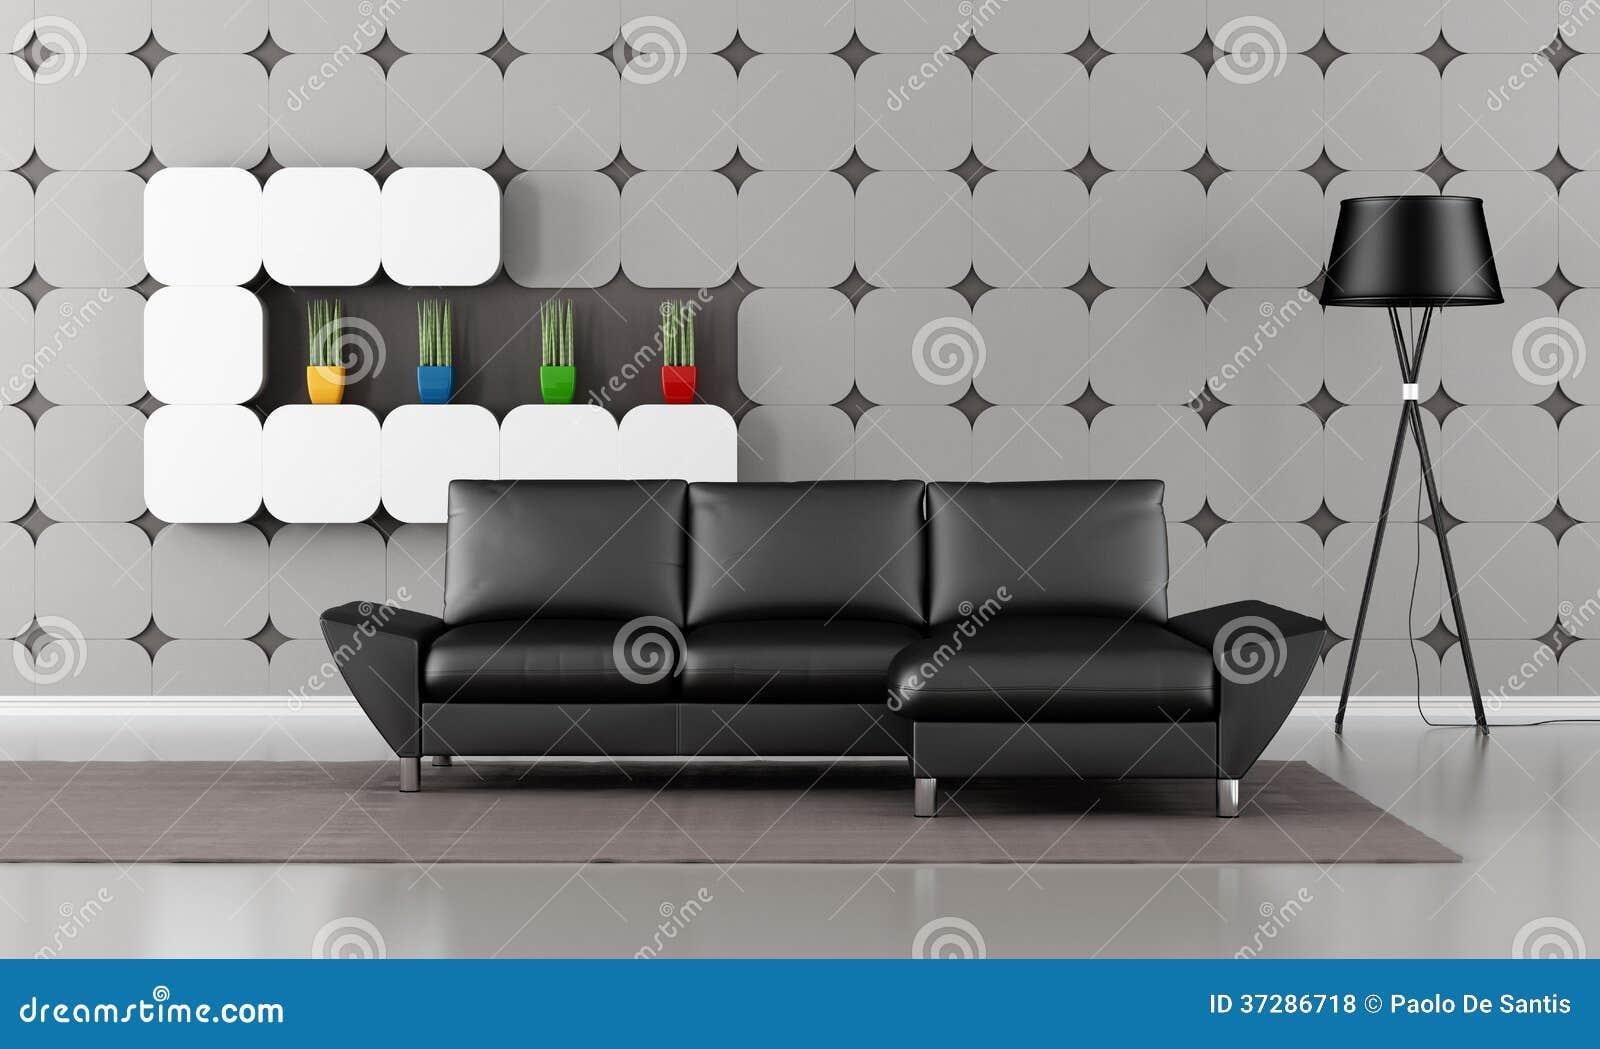 Woonkamer Zwarte Bank : Woonkamer zwarte bank cool kleurrijke kussens op moderne grijze